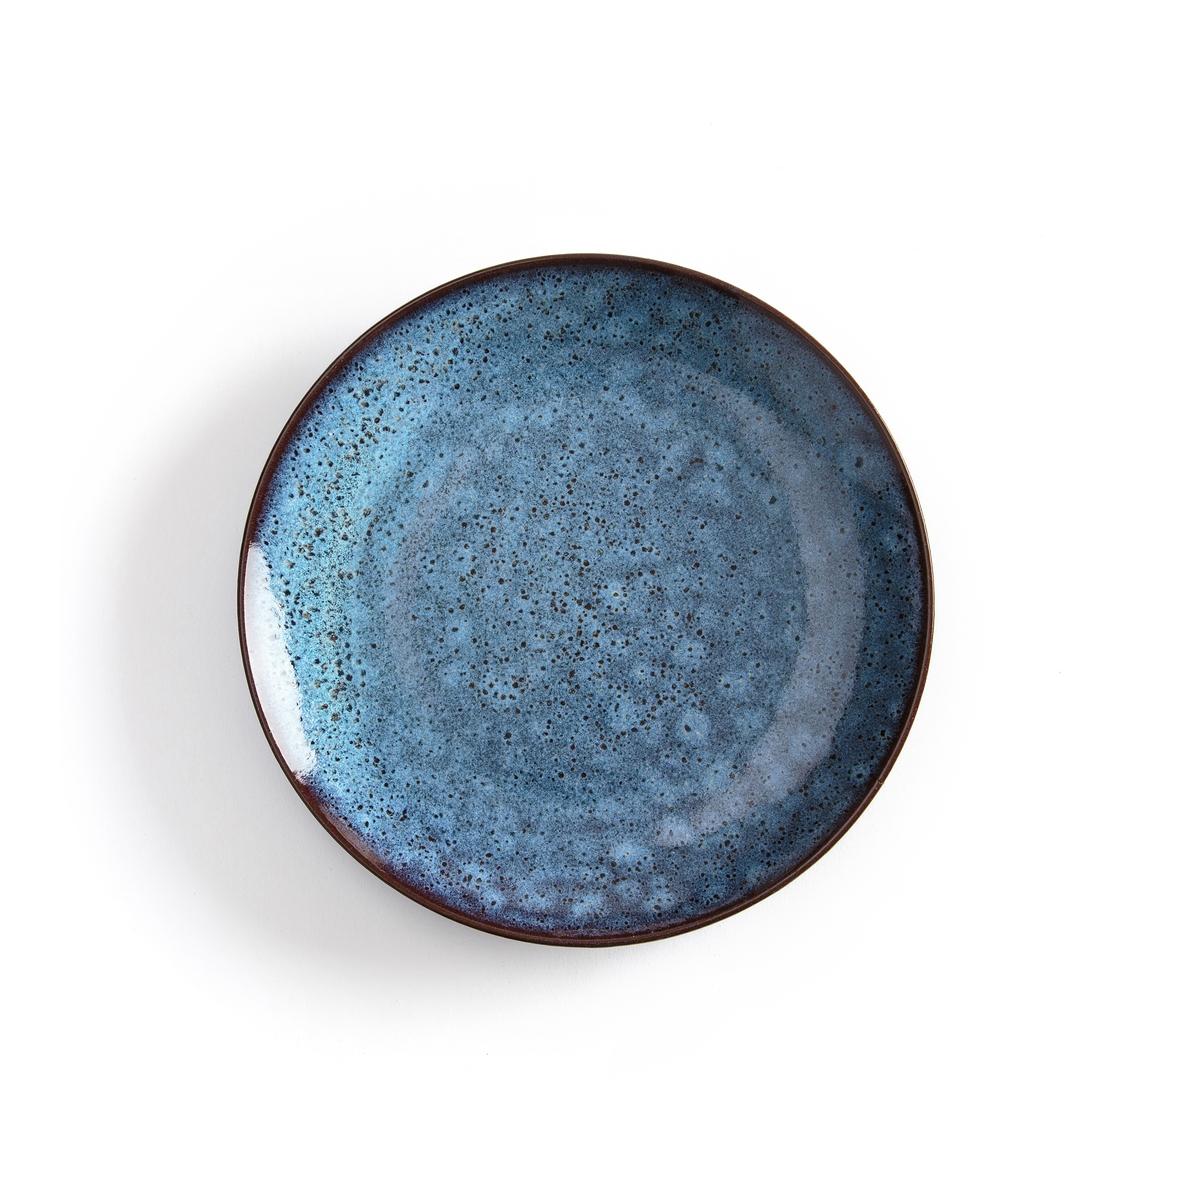 4 десертные тарелки из керамики, Pesgira4 десертные тарелки из керамики Pesgira . Очень красивый отражающий эффект, приддающий неоднородную поверхность тарелке  . Из эмалированной керамики . Ручная работа, каждое блюдо уникально. Подходит для мытья в посудомоечной машине. Размеры : ?22 x H2 см .<br><br>Цвет: каштановый / синий